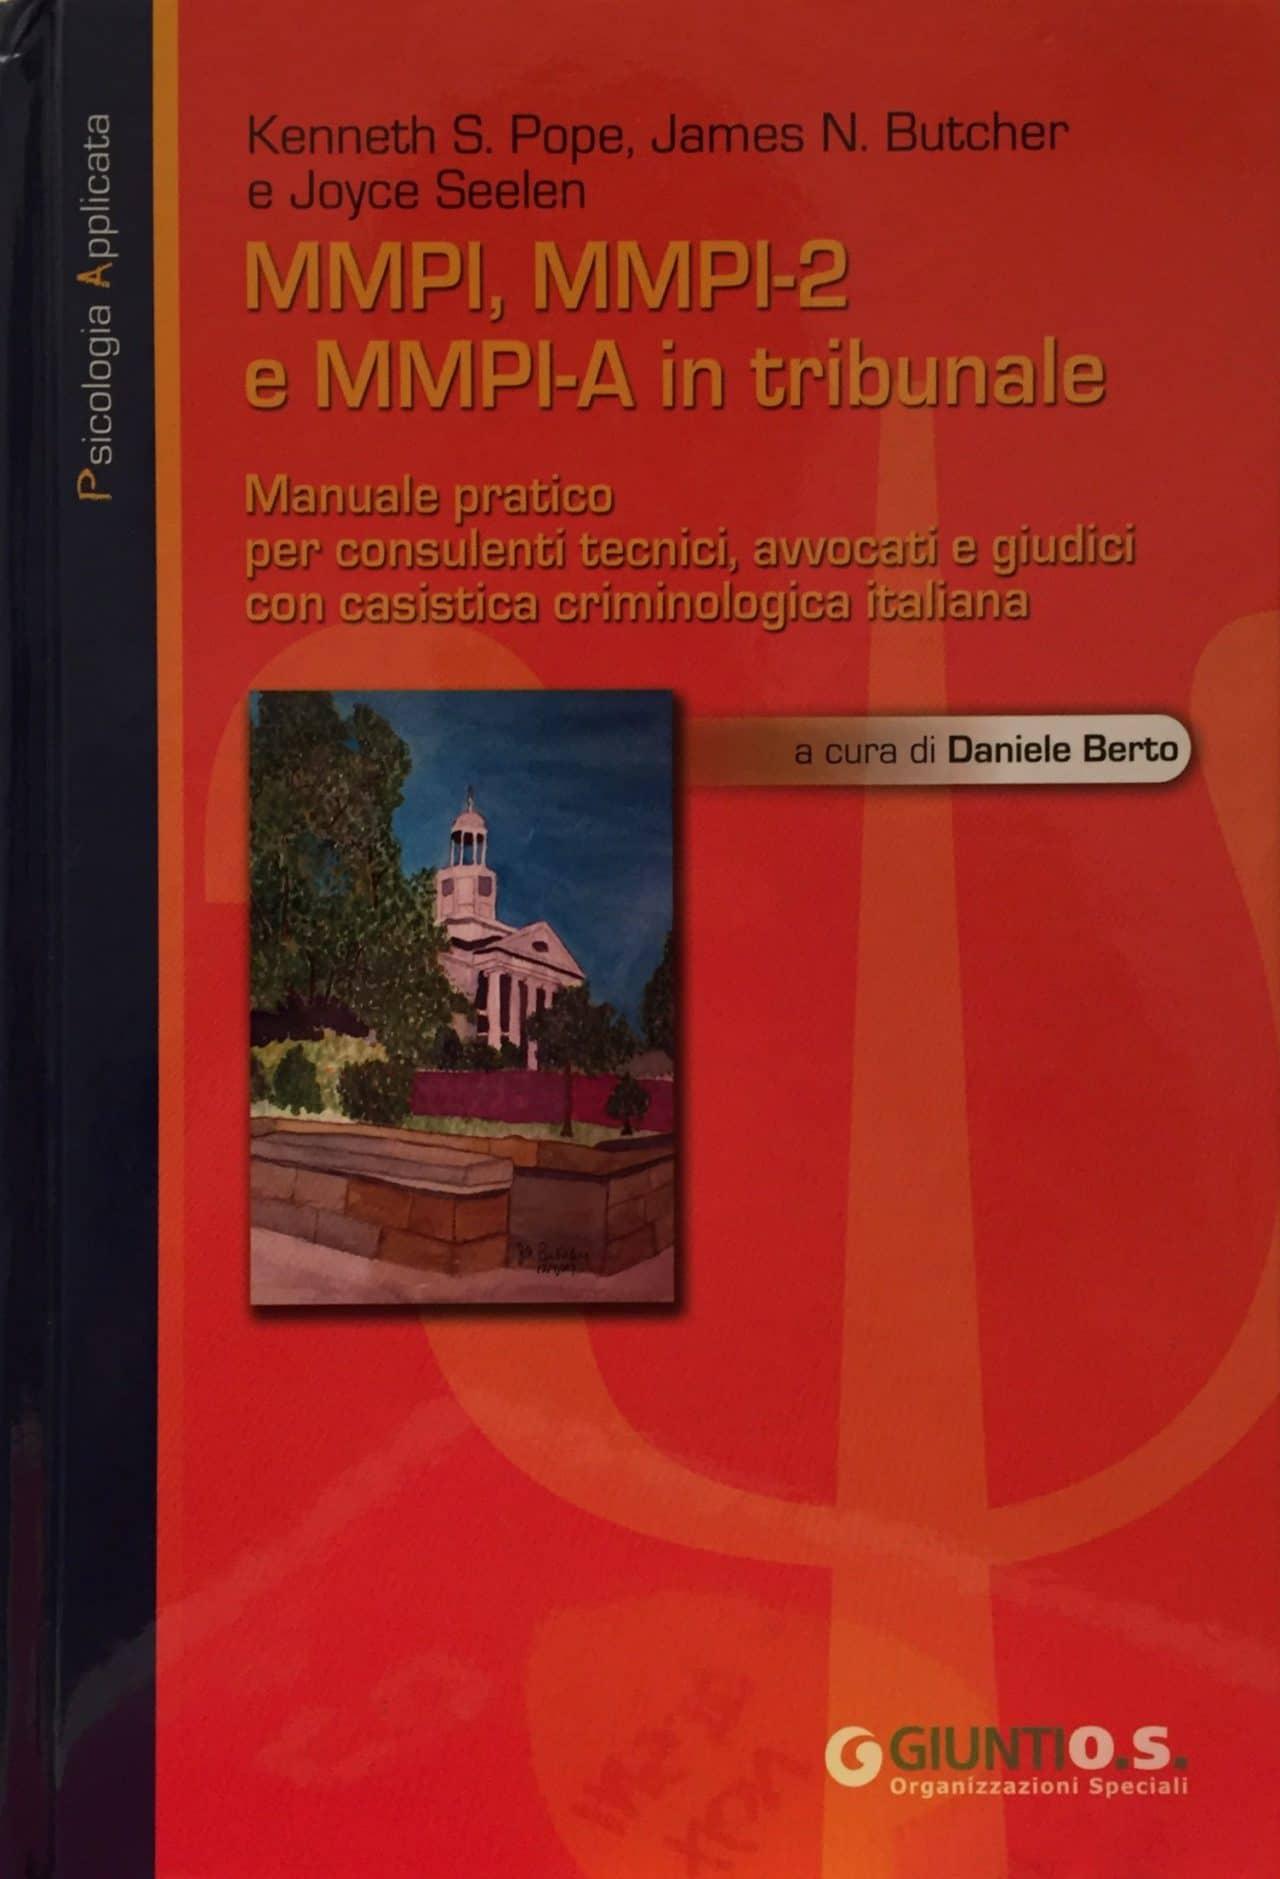 MMPI, MMPI-2 E MMPI-A IN TRIBUNALE Manuale Pratico Per Consulenti Tecnici, Avvocati E Giudici Con Casistica Criminologica Italiana